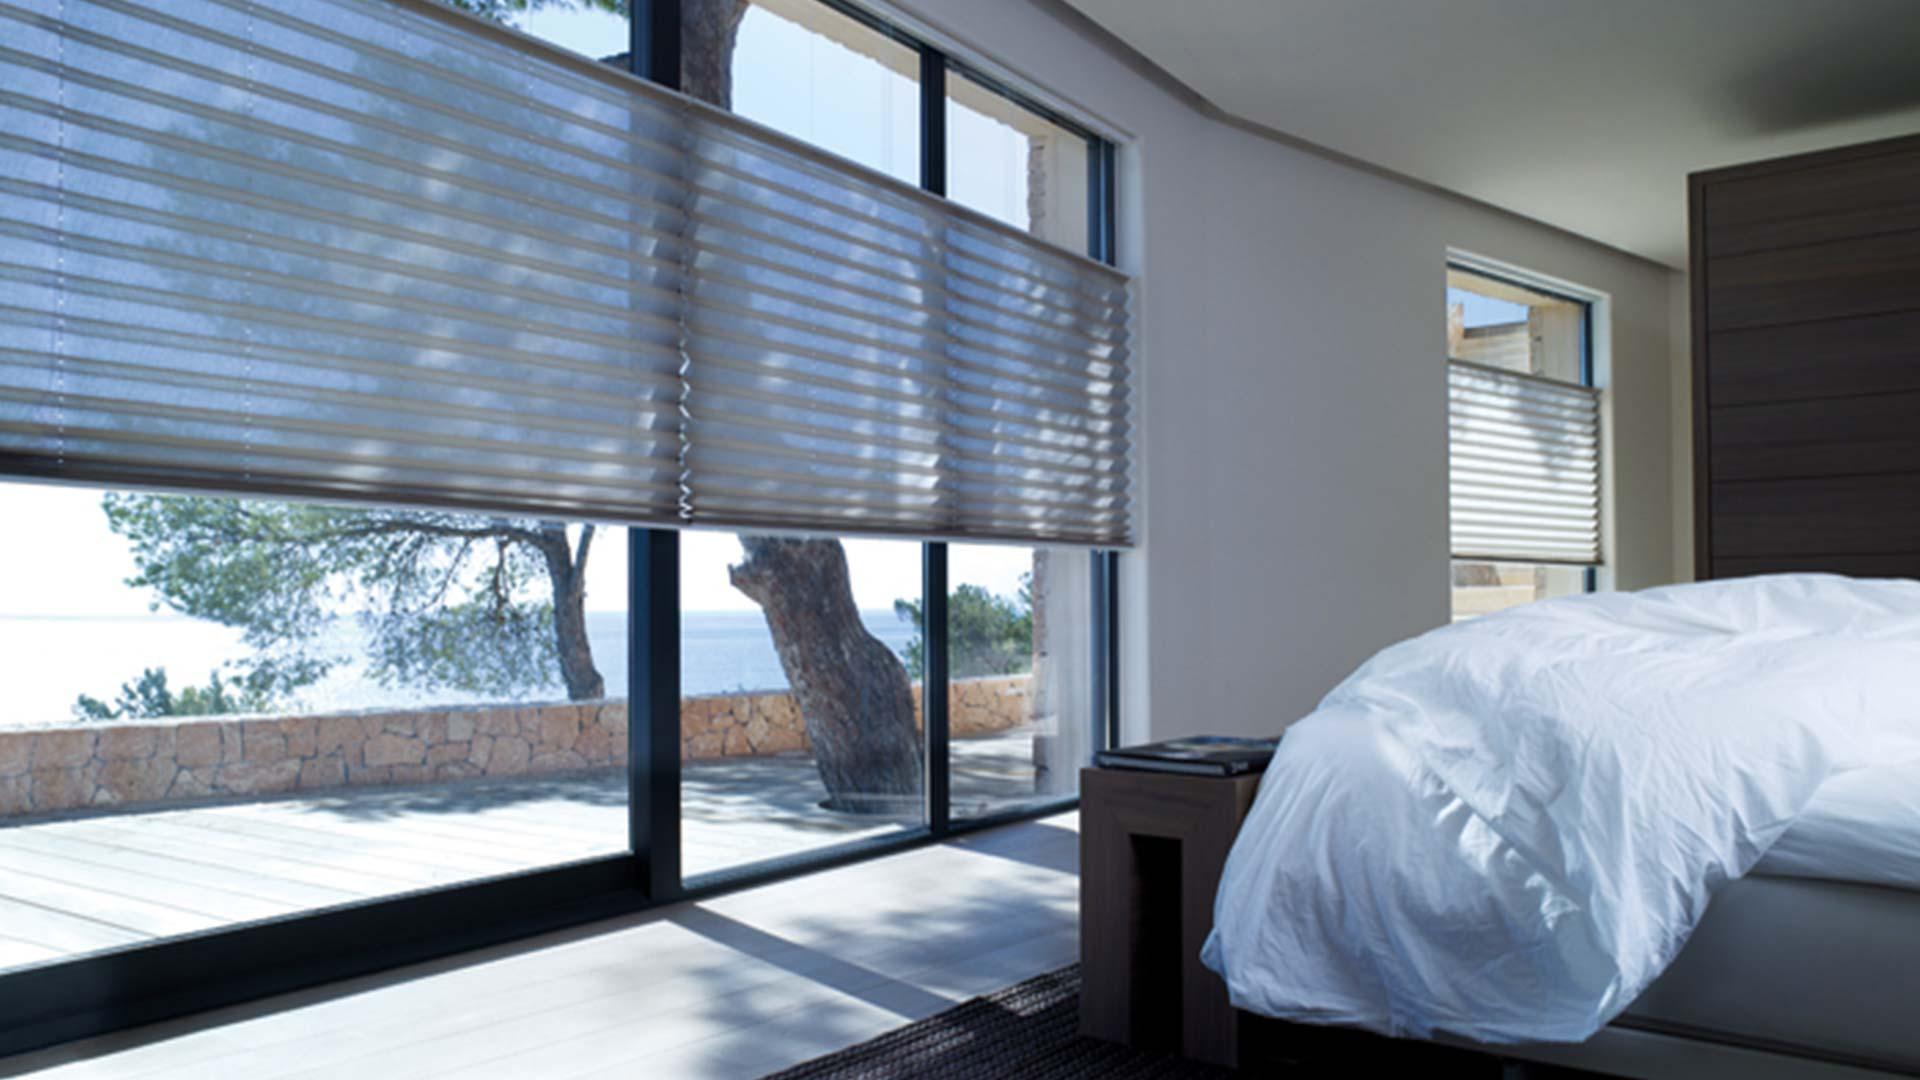 plissegordijnen goede kwaliteit voor een scherpe prijs. Black Bedroom Furniture Sets. Home Design Ideas